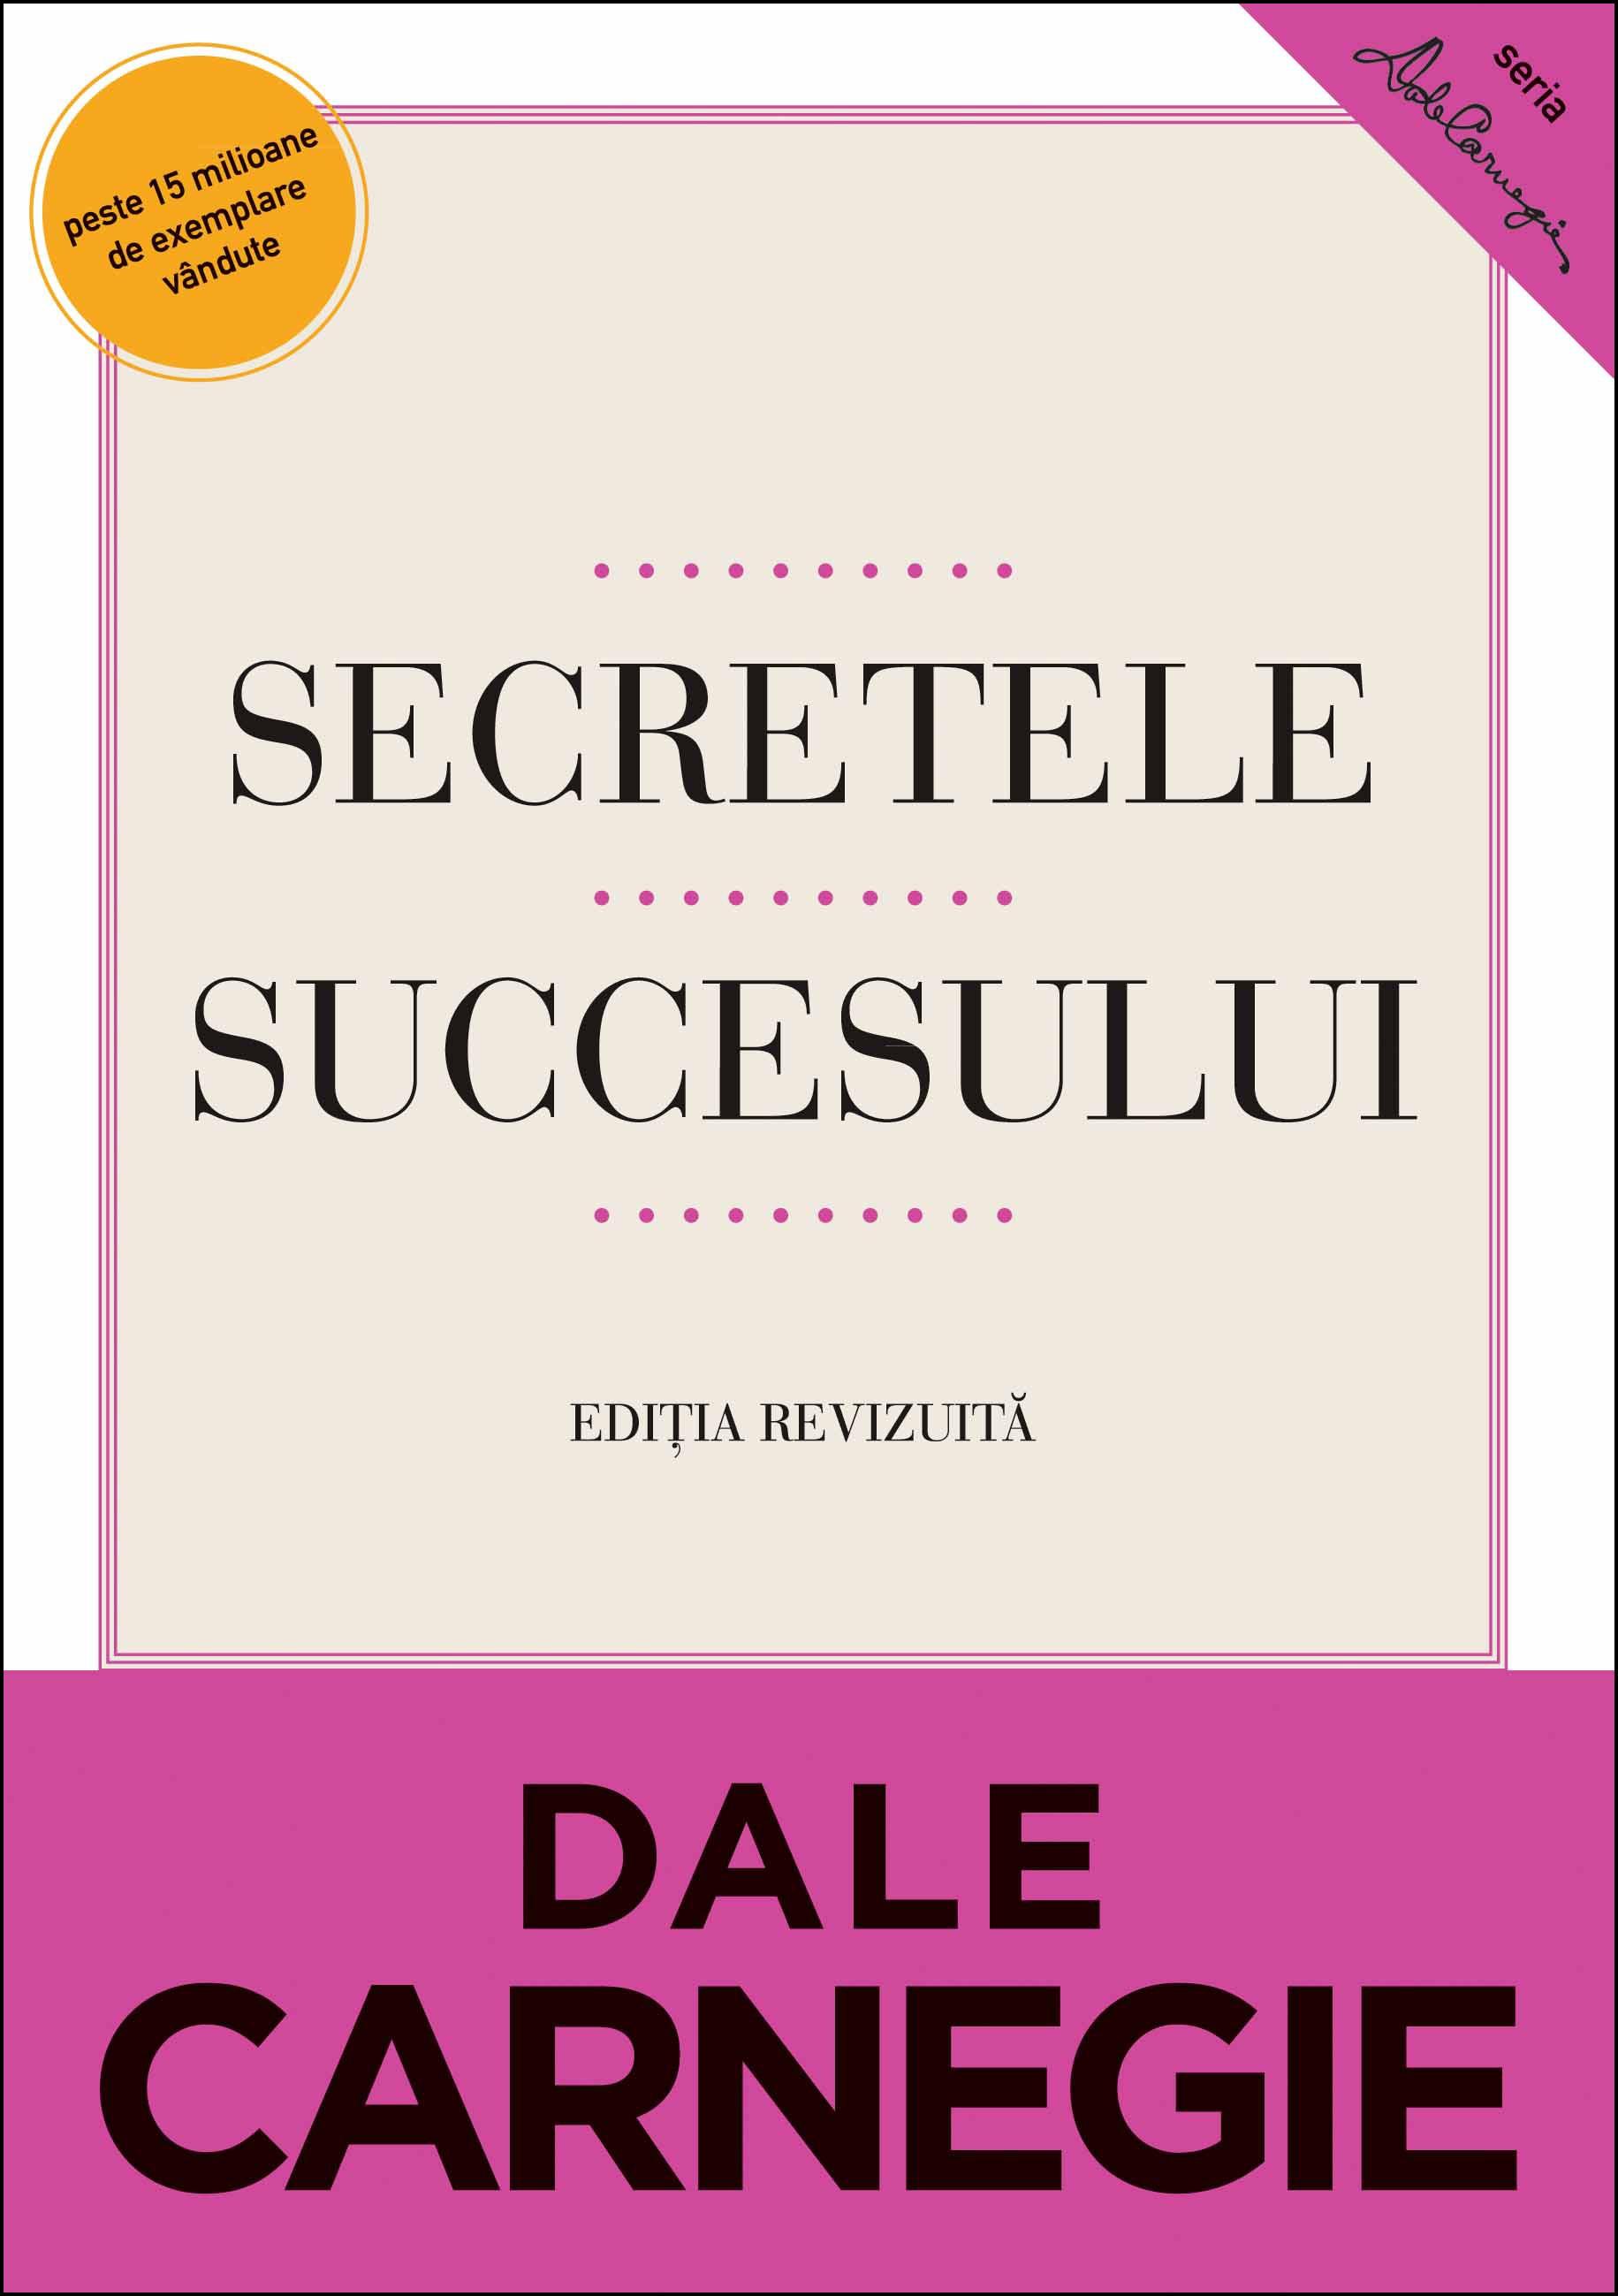 Cartea Secretul Pdf